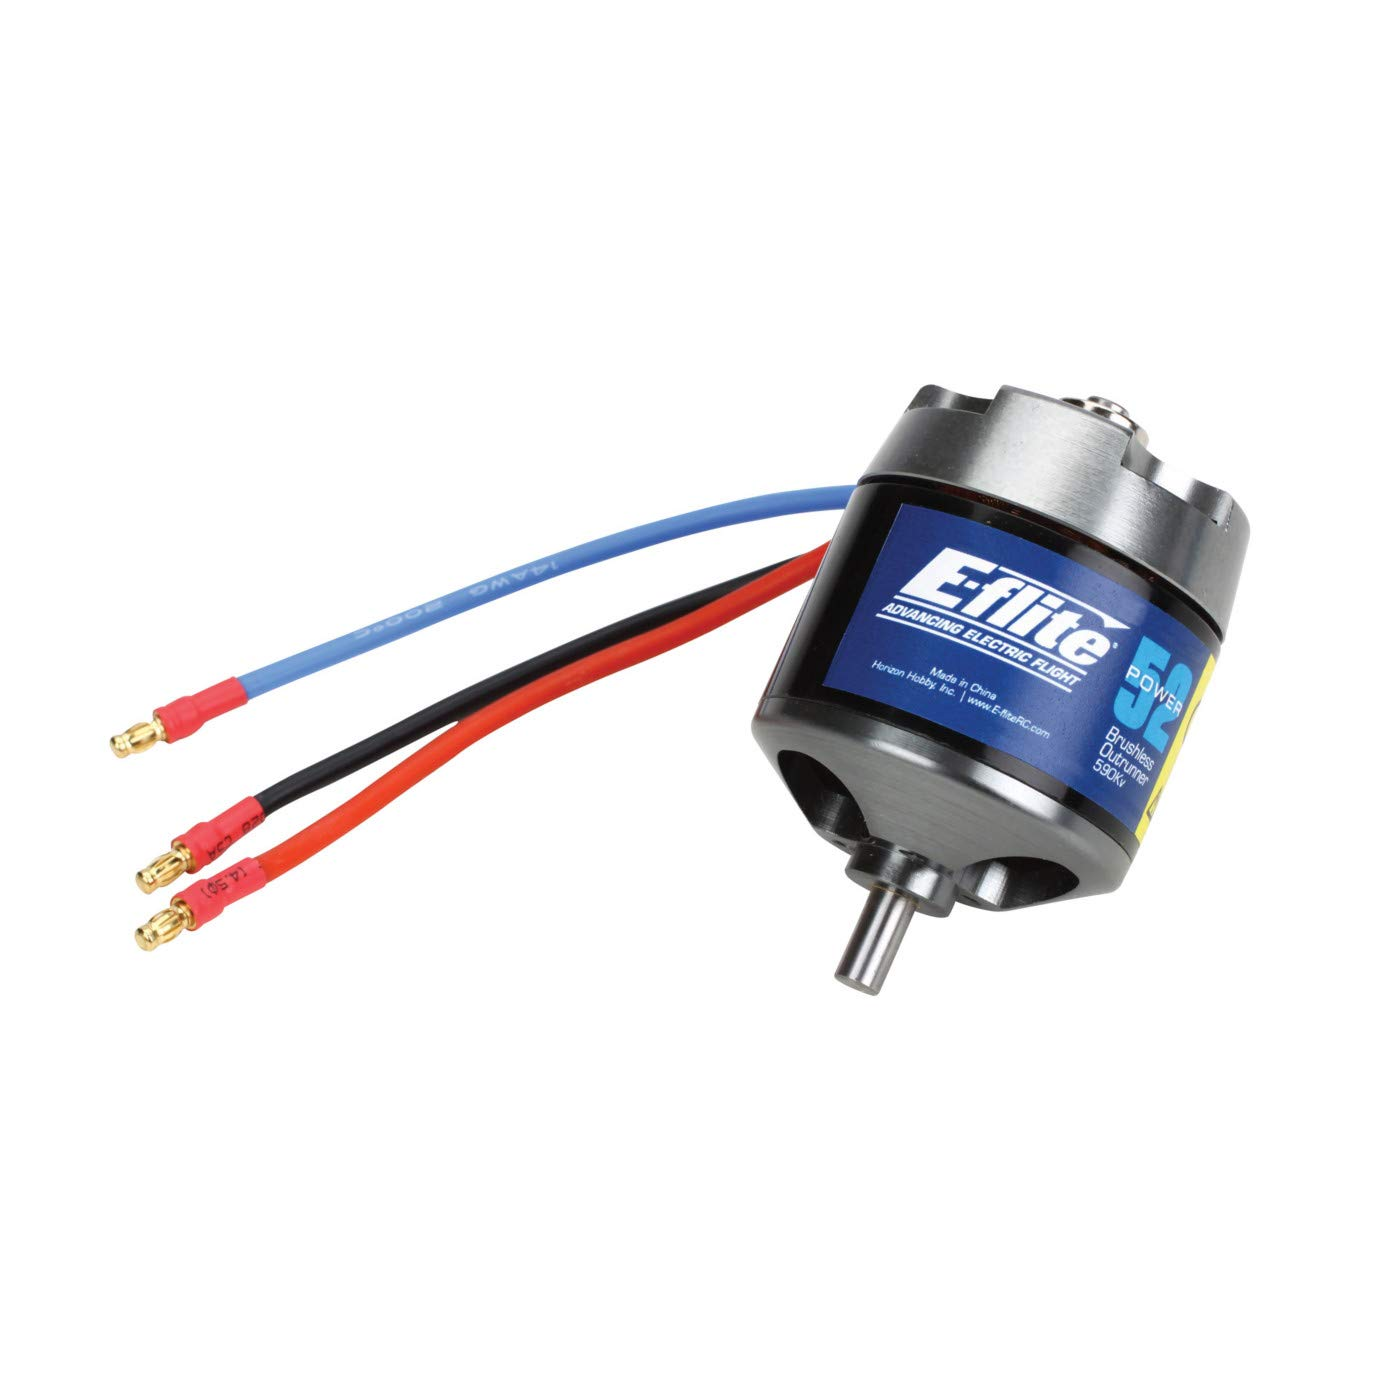 E-flite Power 52 Brushless Outrunner Motor, 590Kv: 4mm Bulle